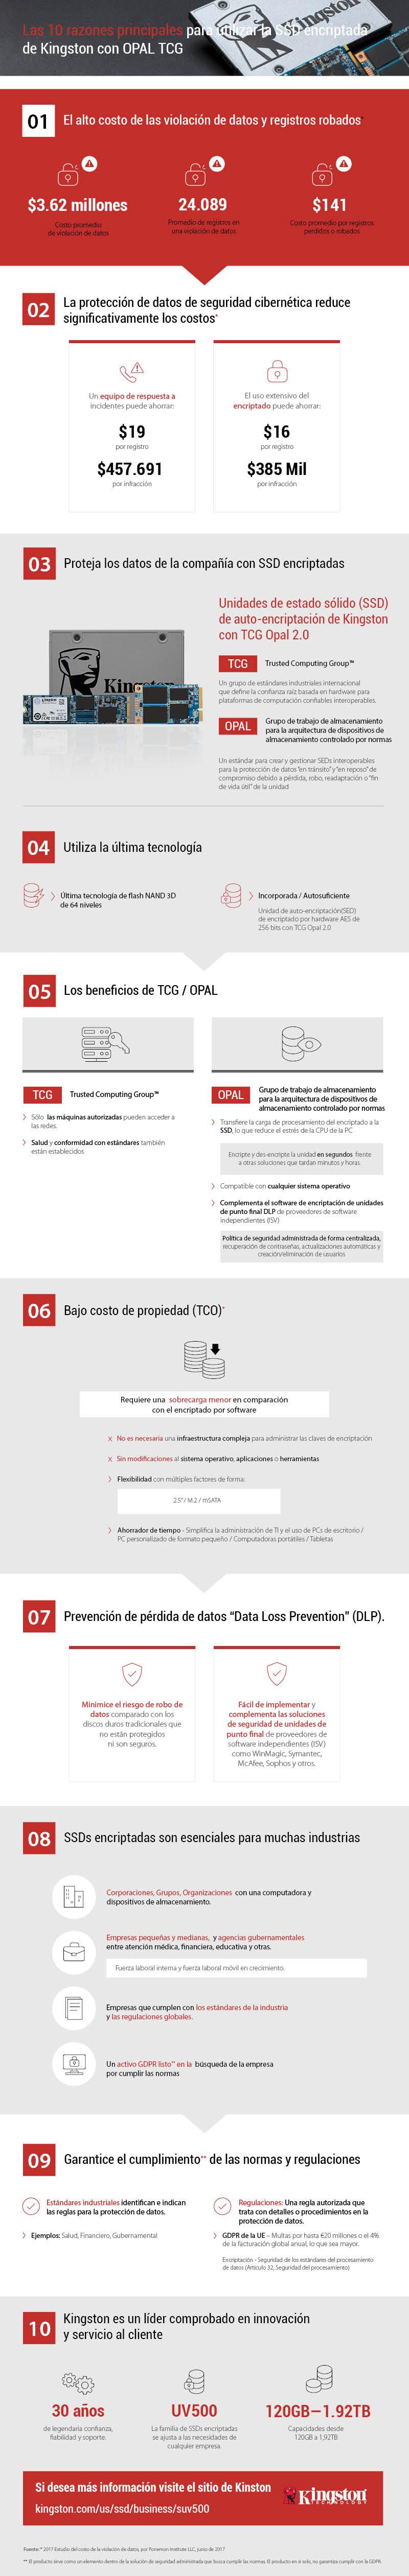 Las 10 razones principales para utilizar la SSD encriptada de Kingston con OPAL TCG